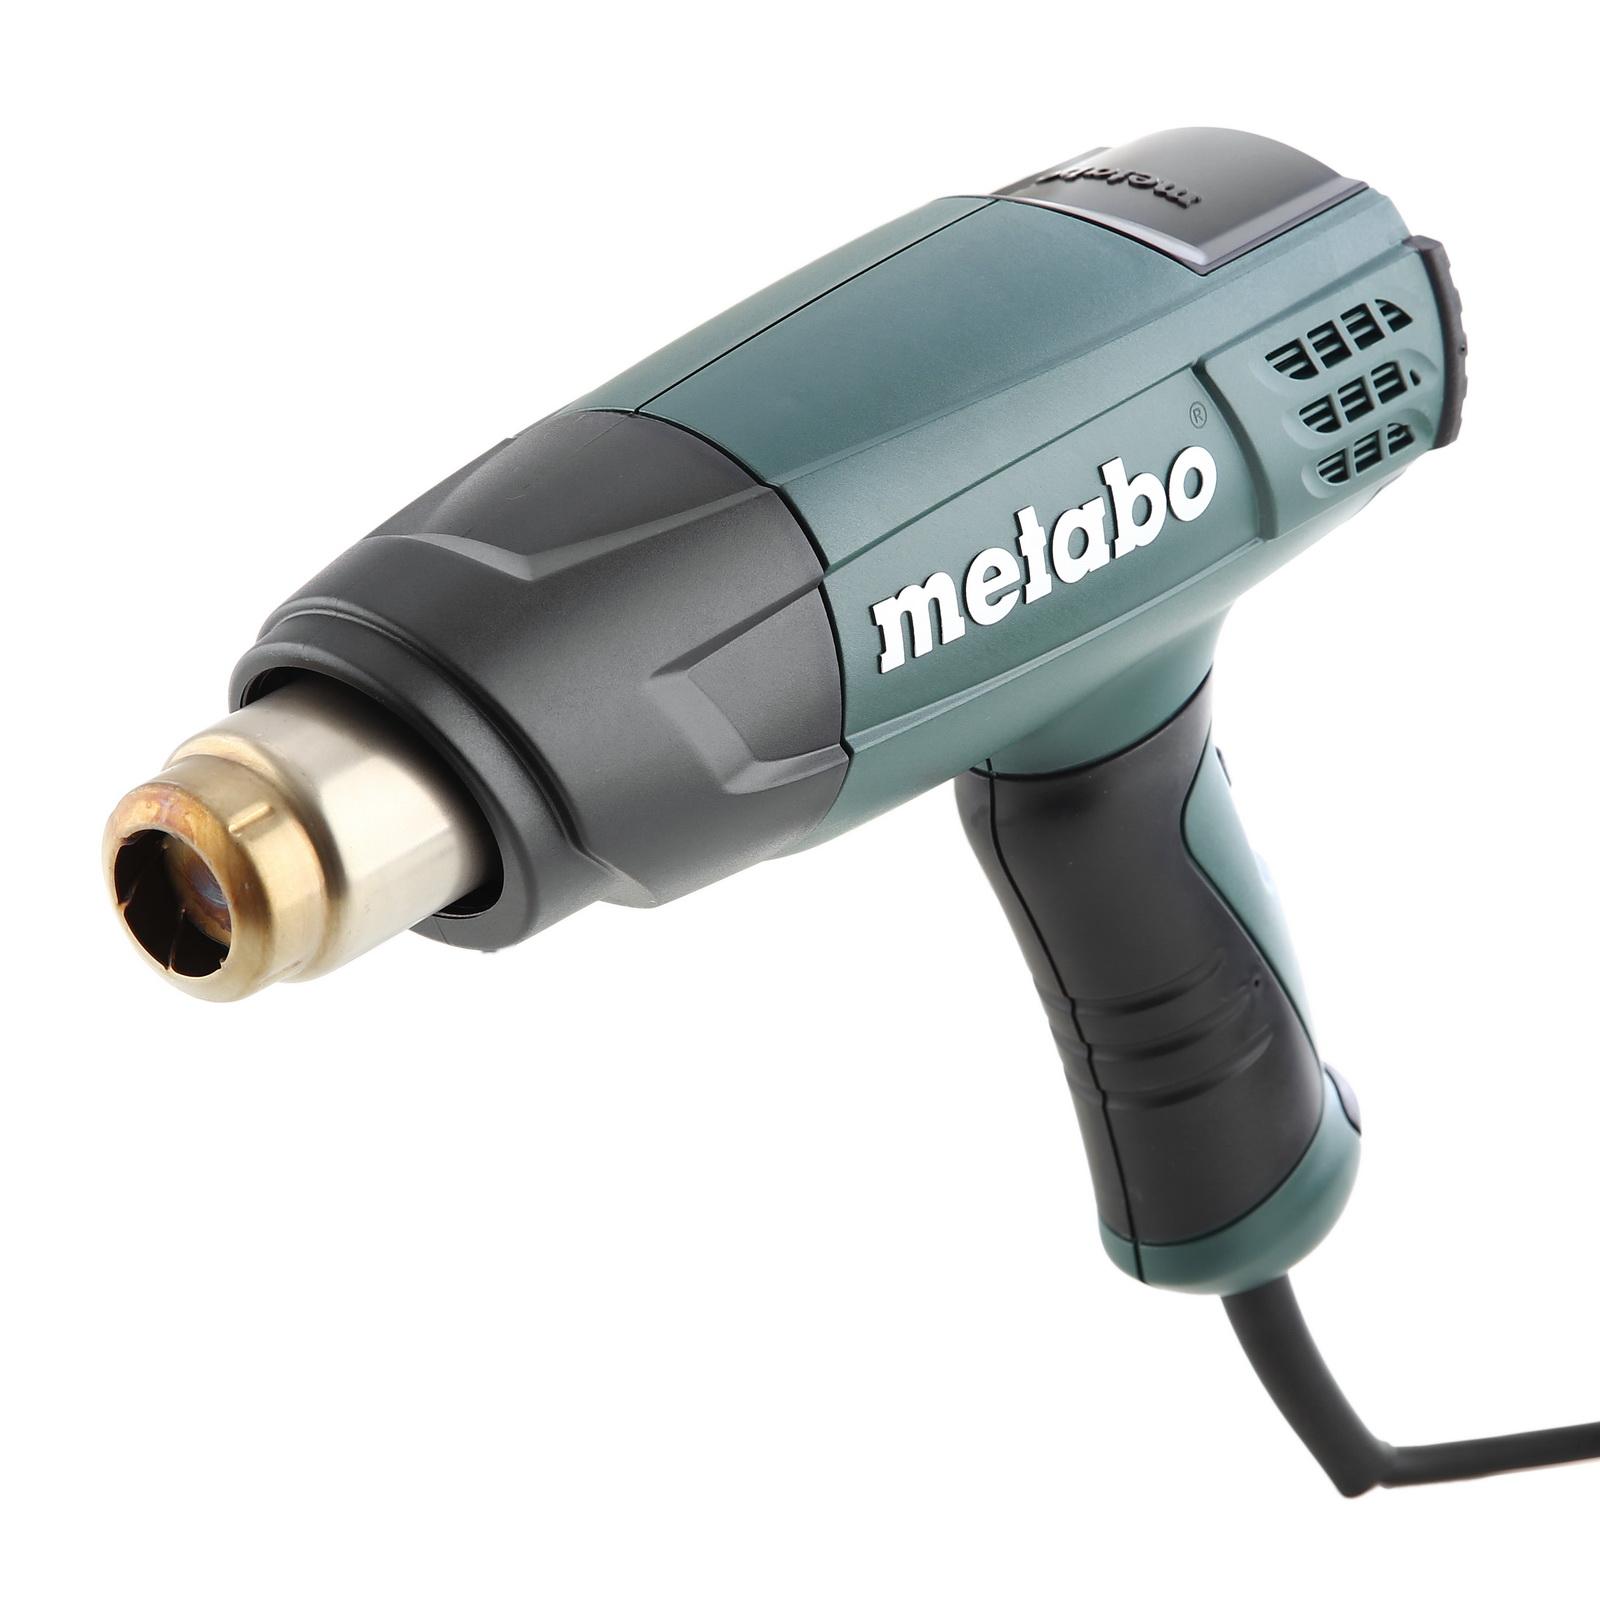 цена на Фен технический Metabo He 23-650 control (602365500)